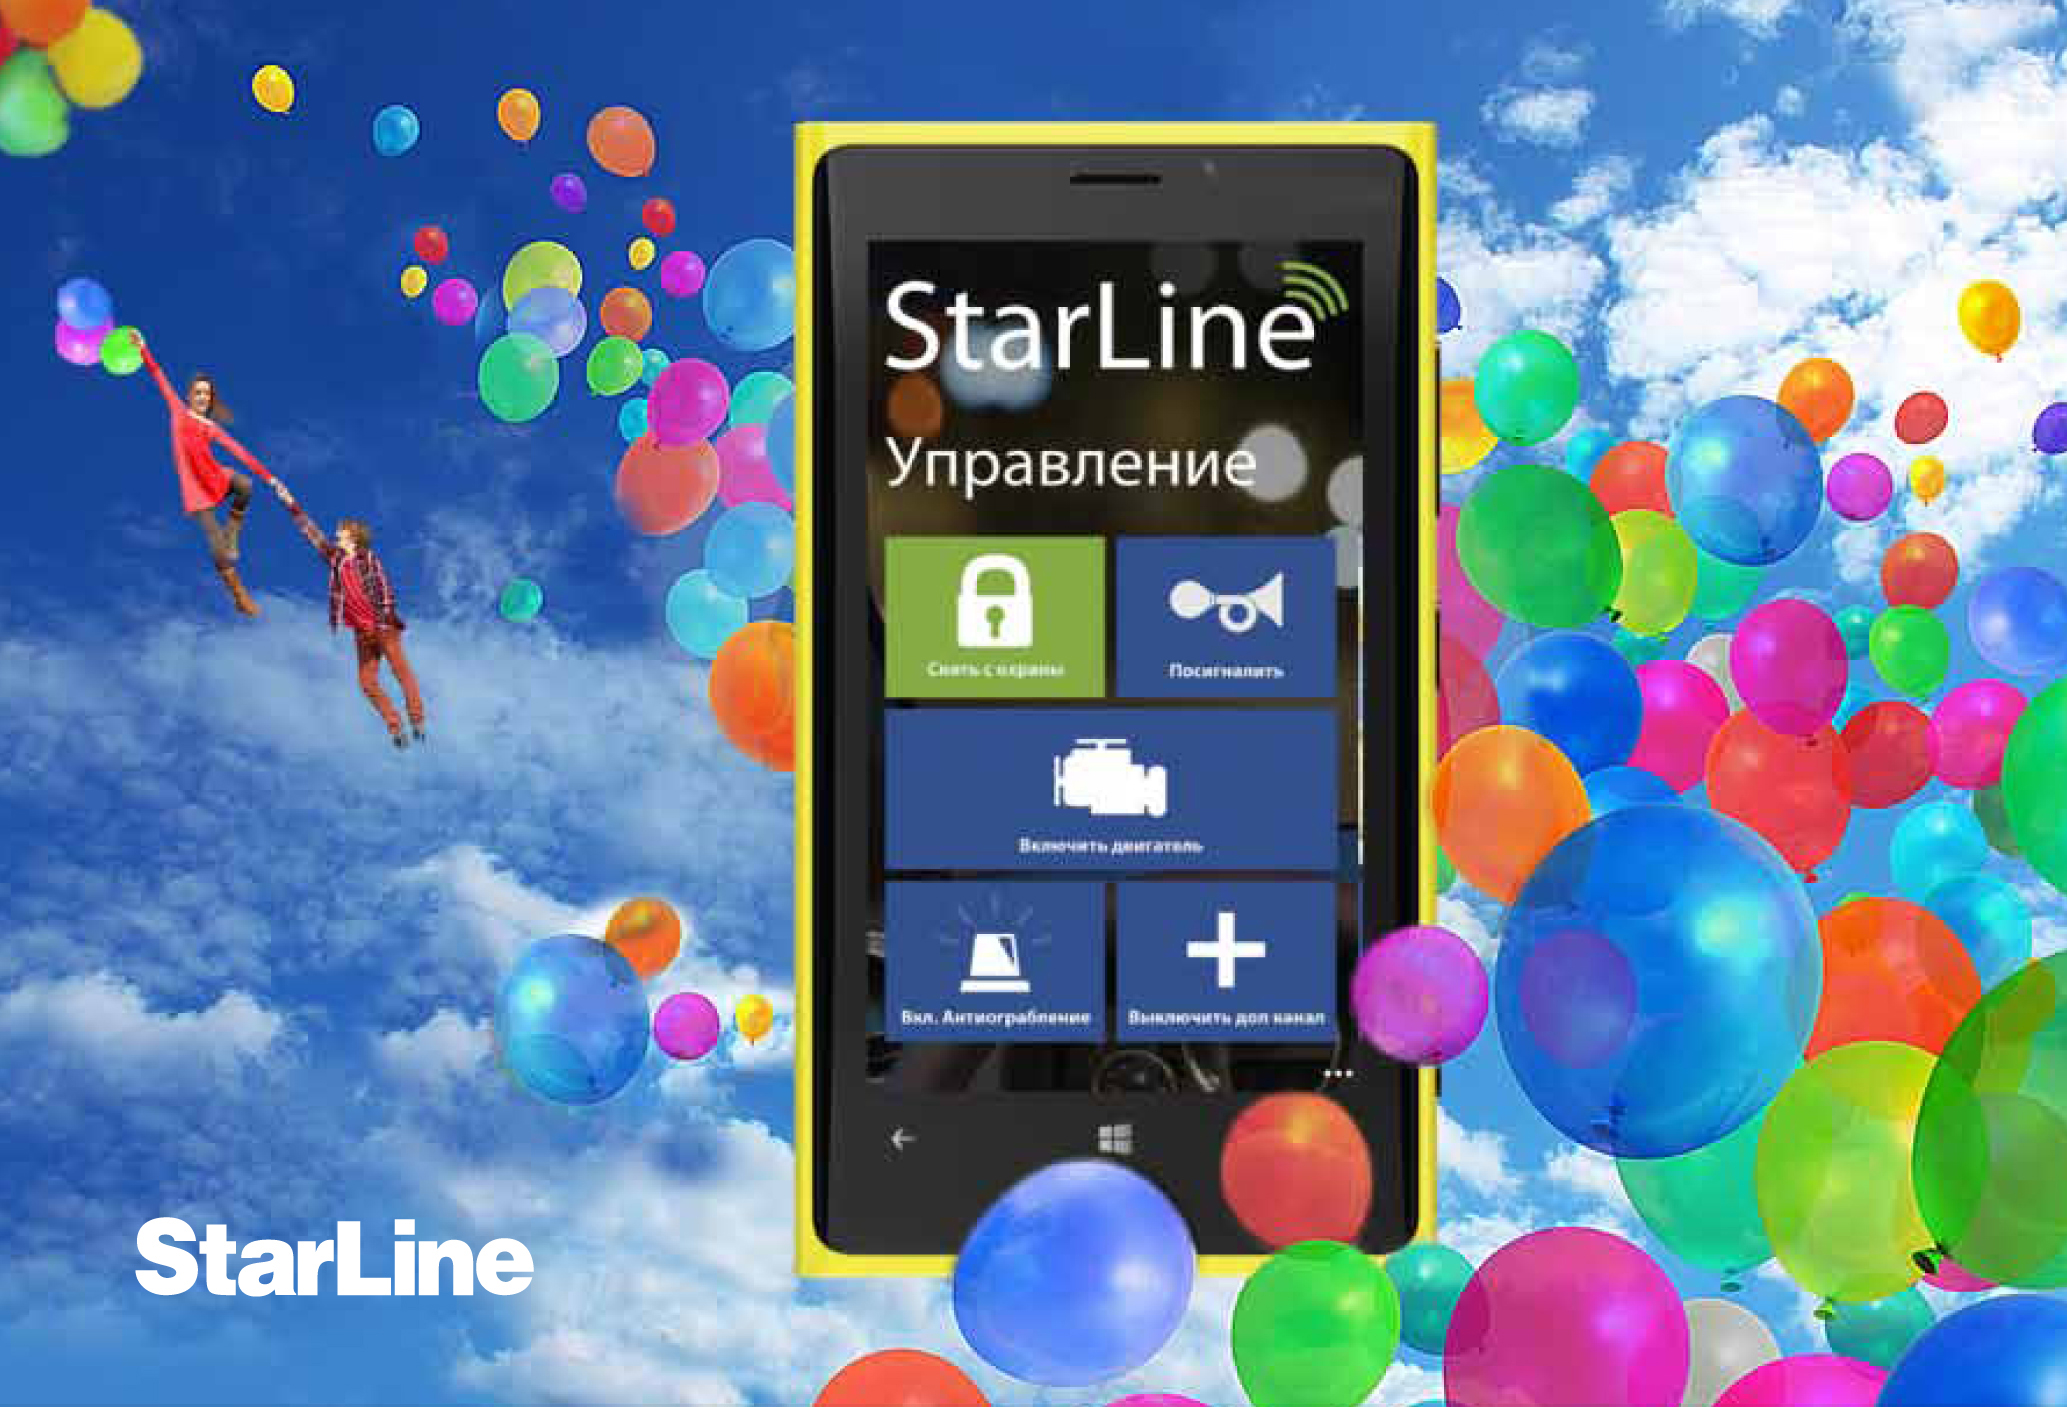 Приложение starline скачать